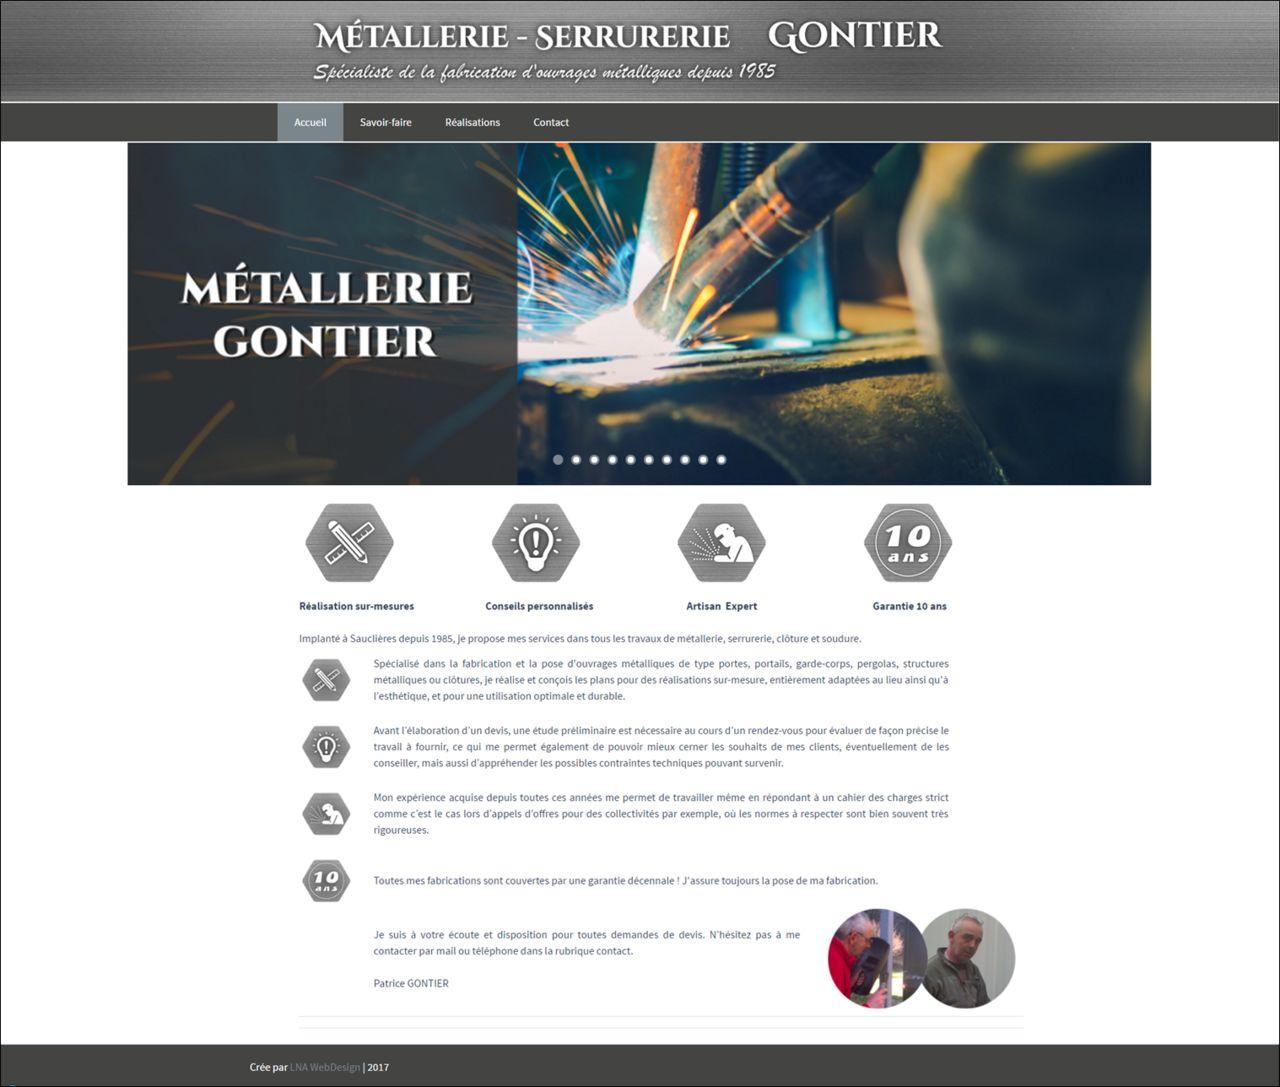 Métallerie Gontier